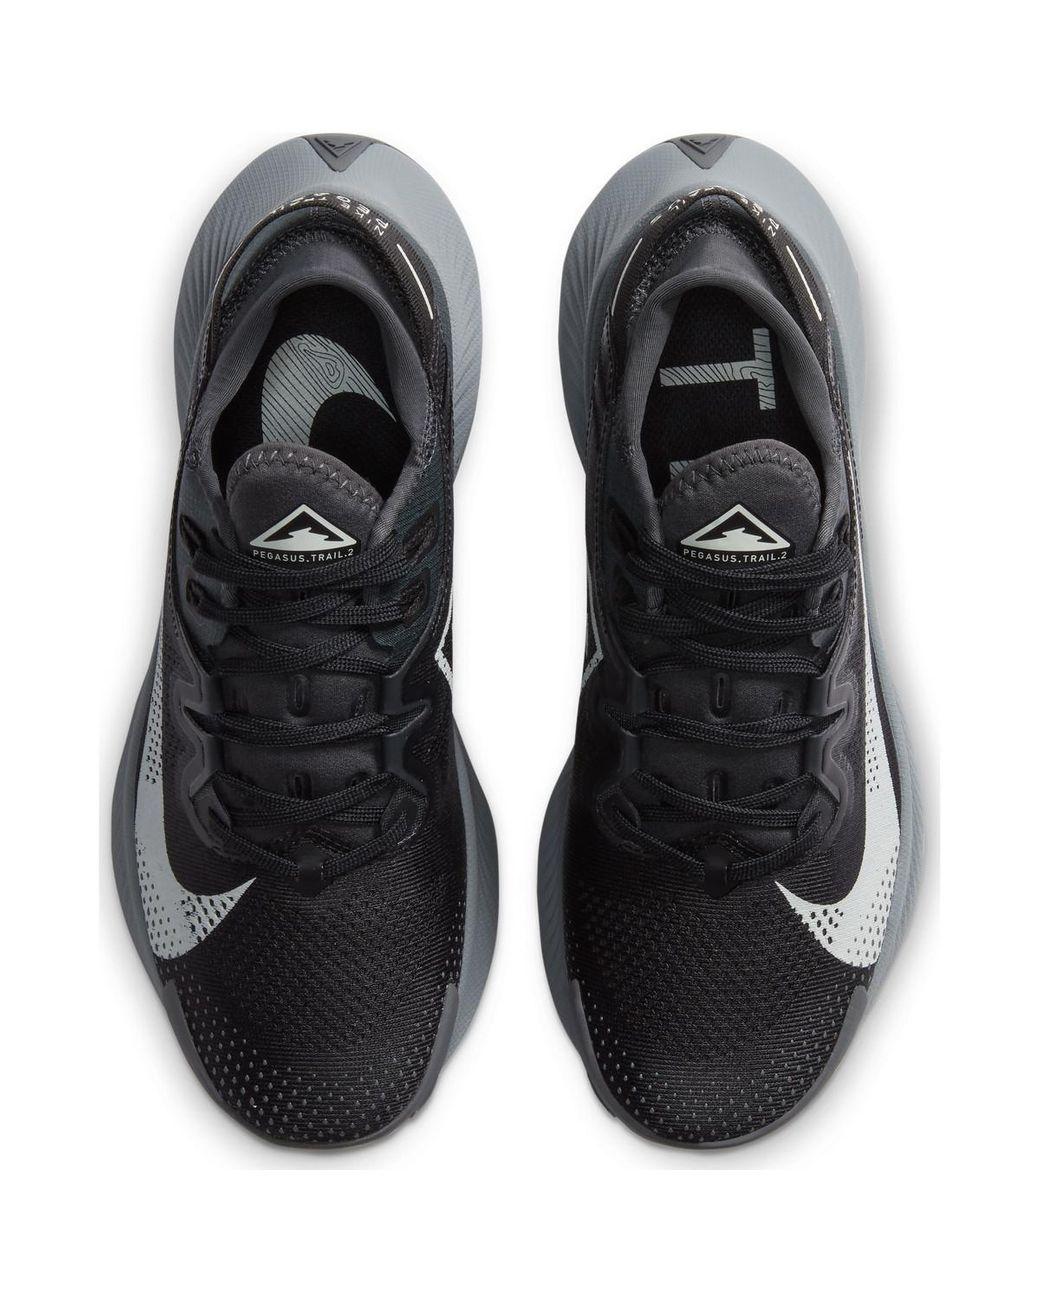 Chaussures Pegasus Trail 2 Women Nike en coloris Noir - Lyst